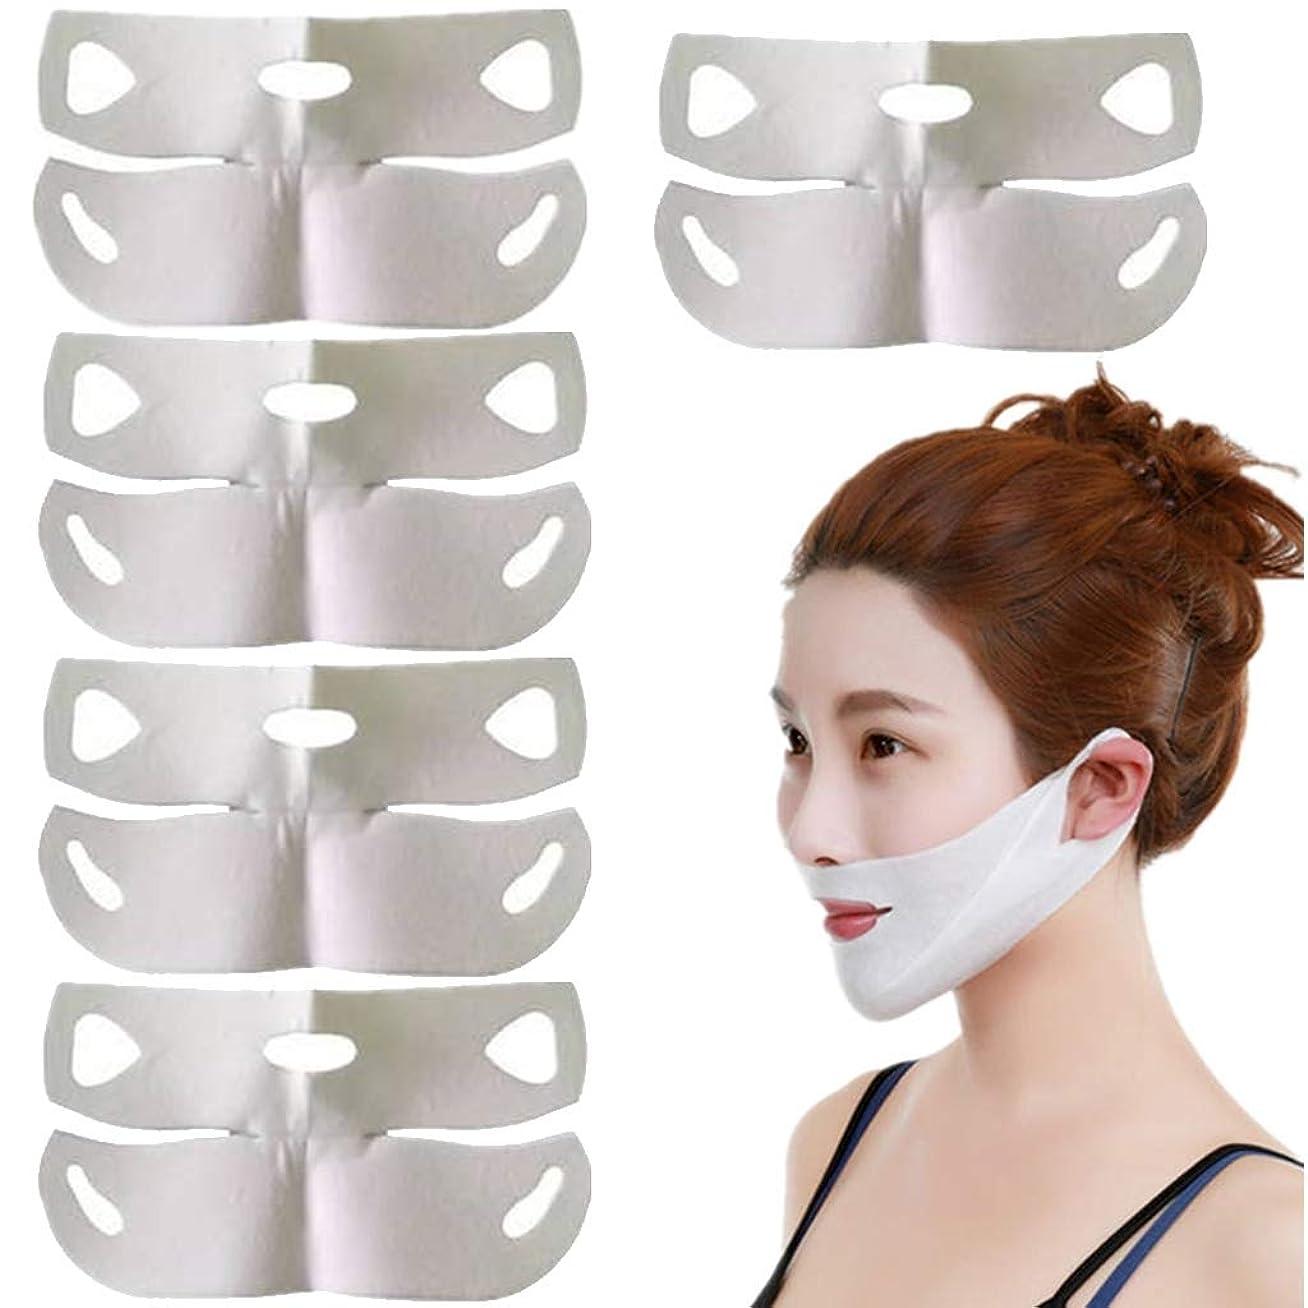 ネコフェザートレイルTumao 小顔 リフトアップ フェイスマスク リフトアップマスク 5枚 小顔 矯正 小顔 ベルト 顔痩せ フェイスパック フェイスベルト 耳かけ 小顔効果 顎ライン 取り戻す レディース メンズ